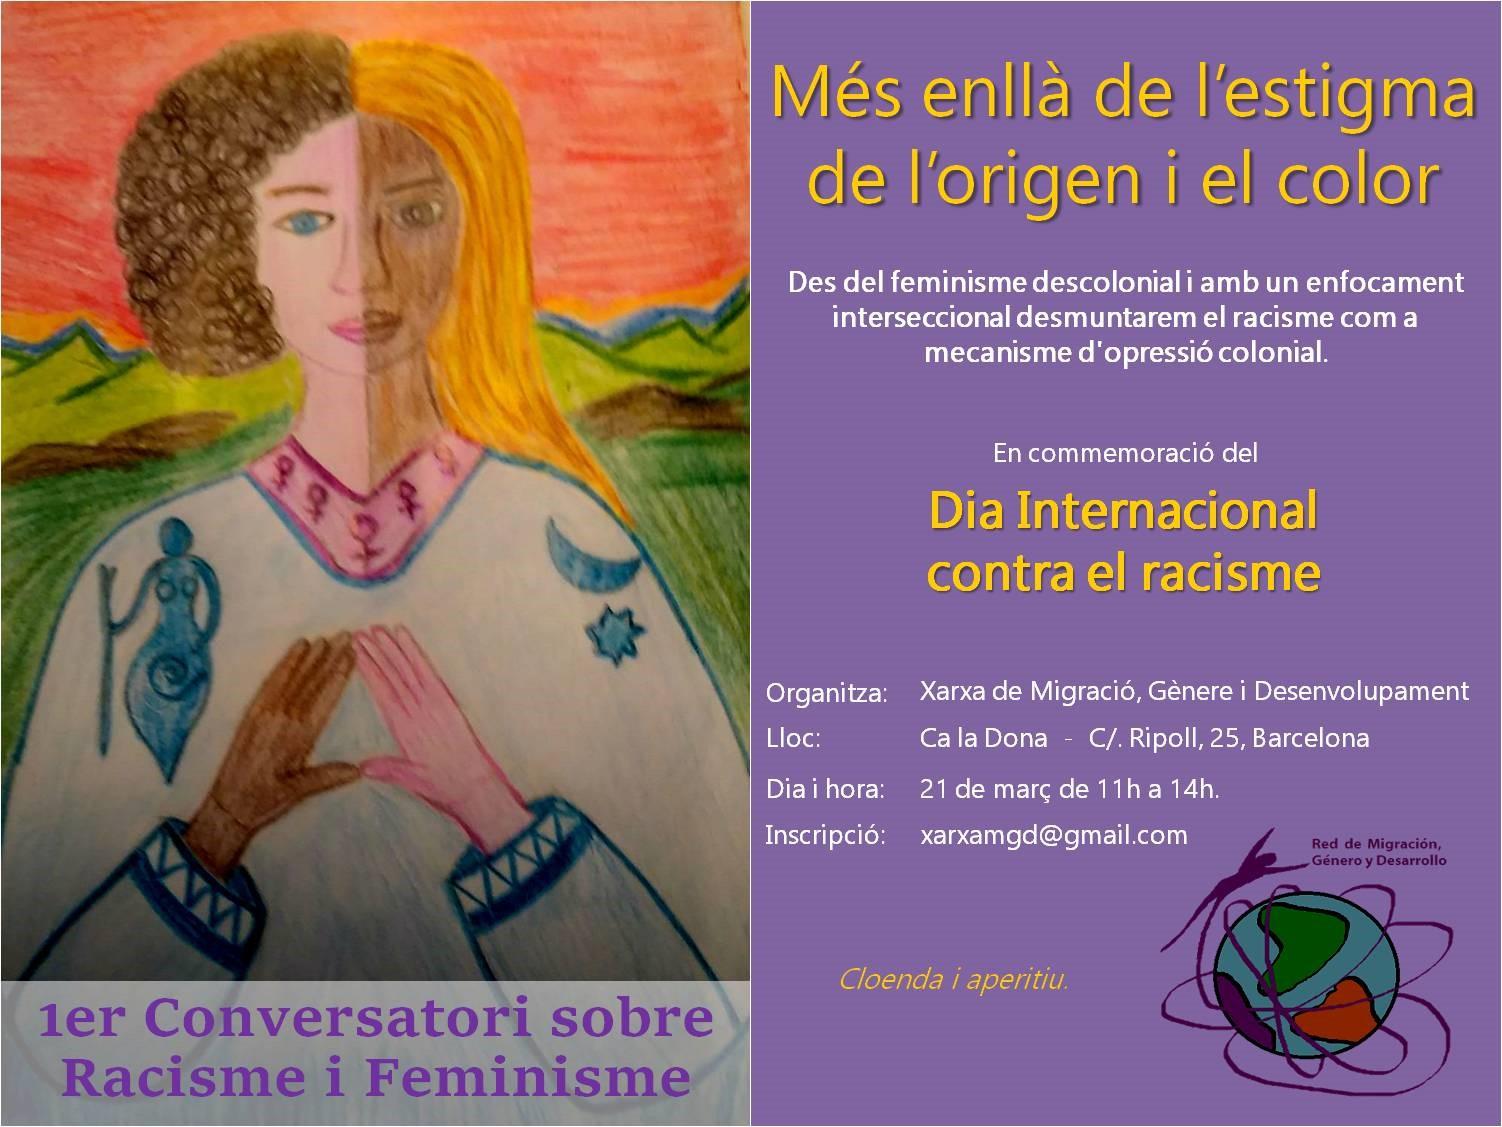 Flyer21M 1er Seminari Contra Racisme i Feminisme, a Ca la Dona a les 11h